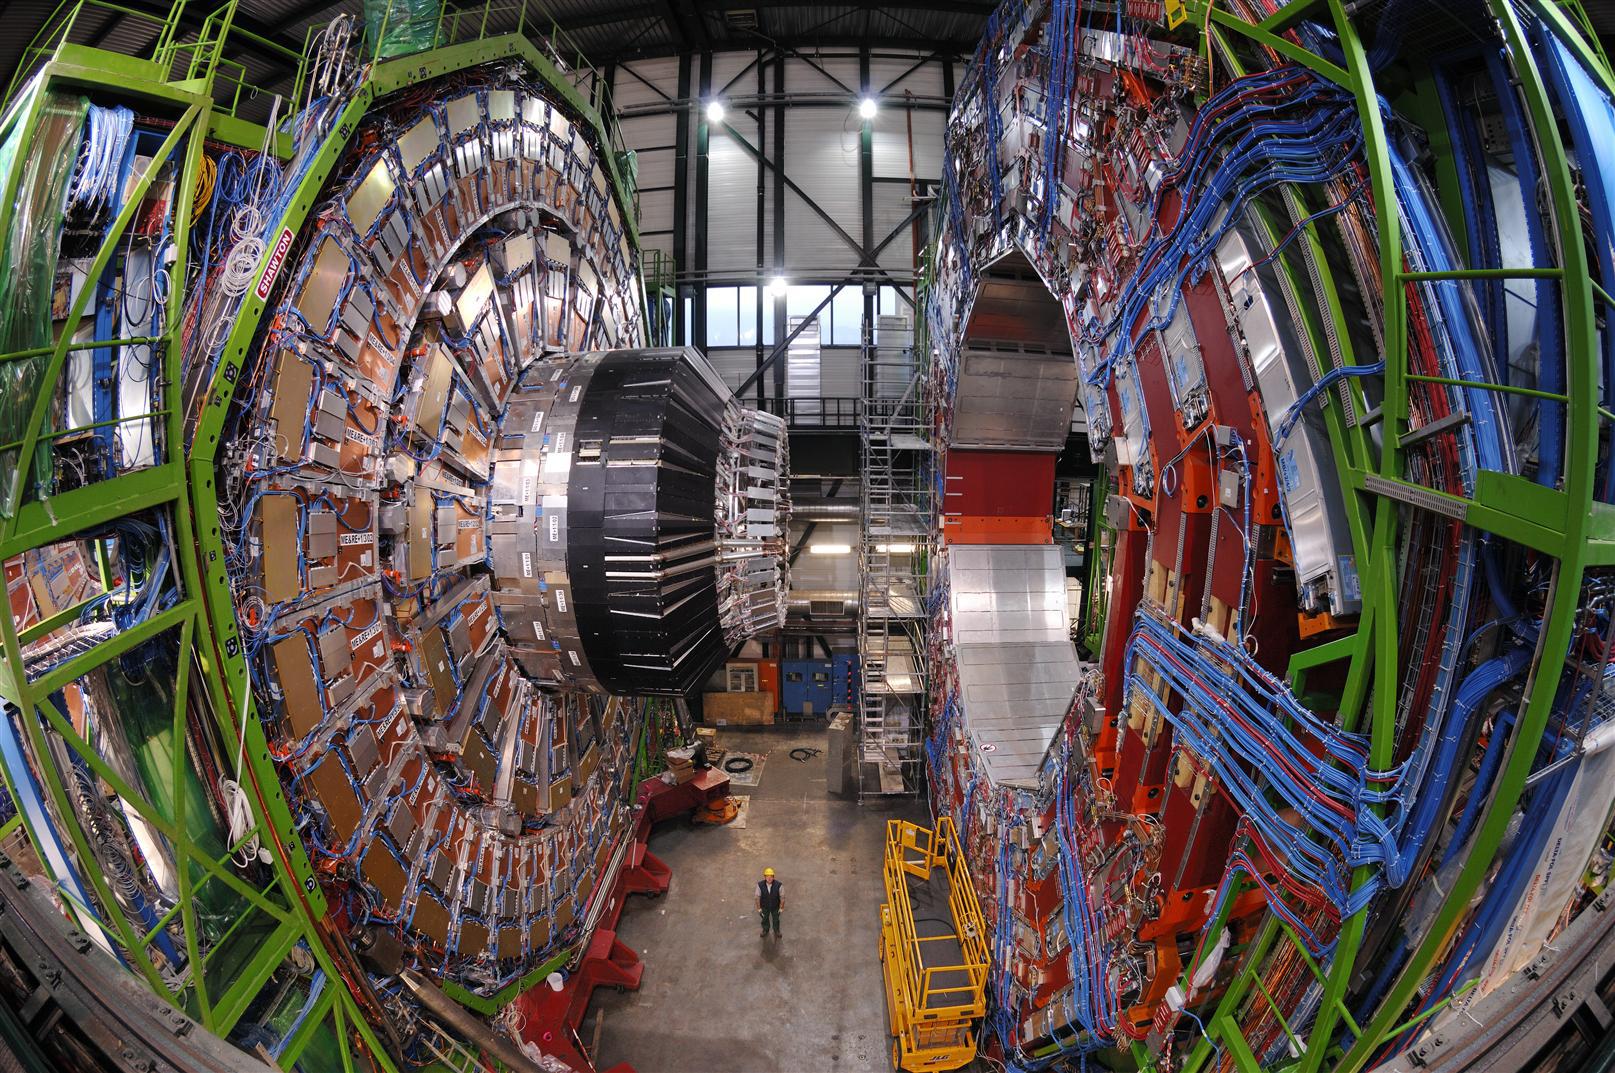 Blick ins CERN: Besuch des grössten Beschleunigers der Welt